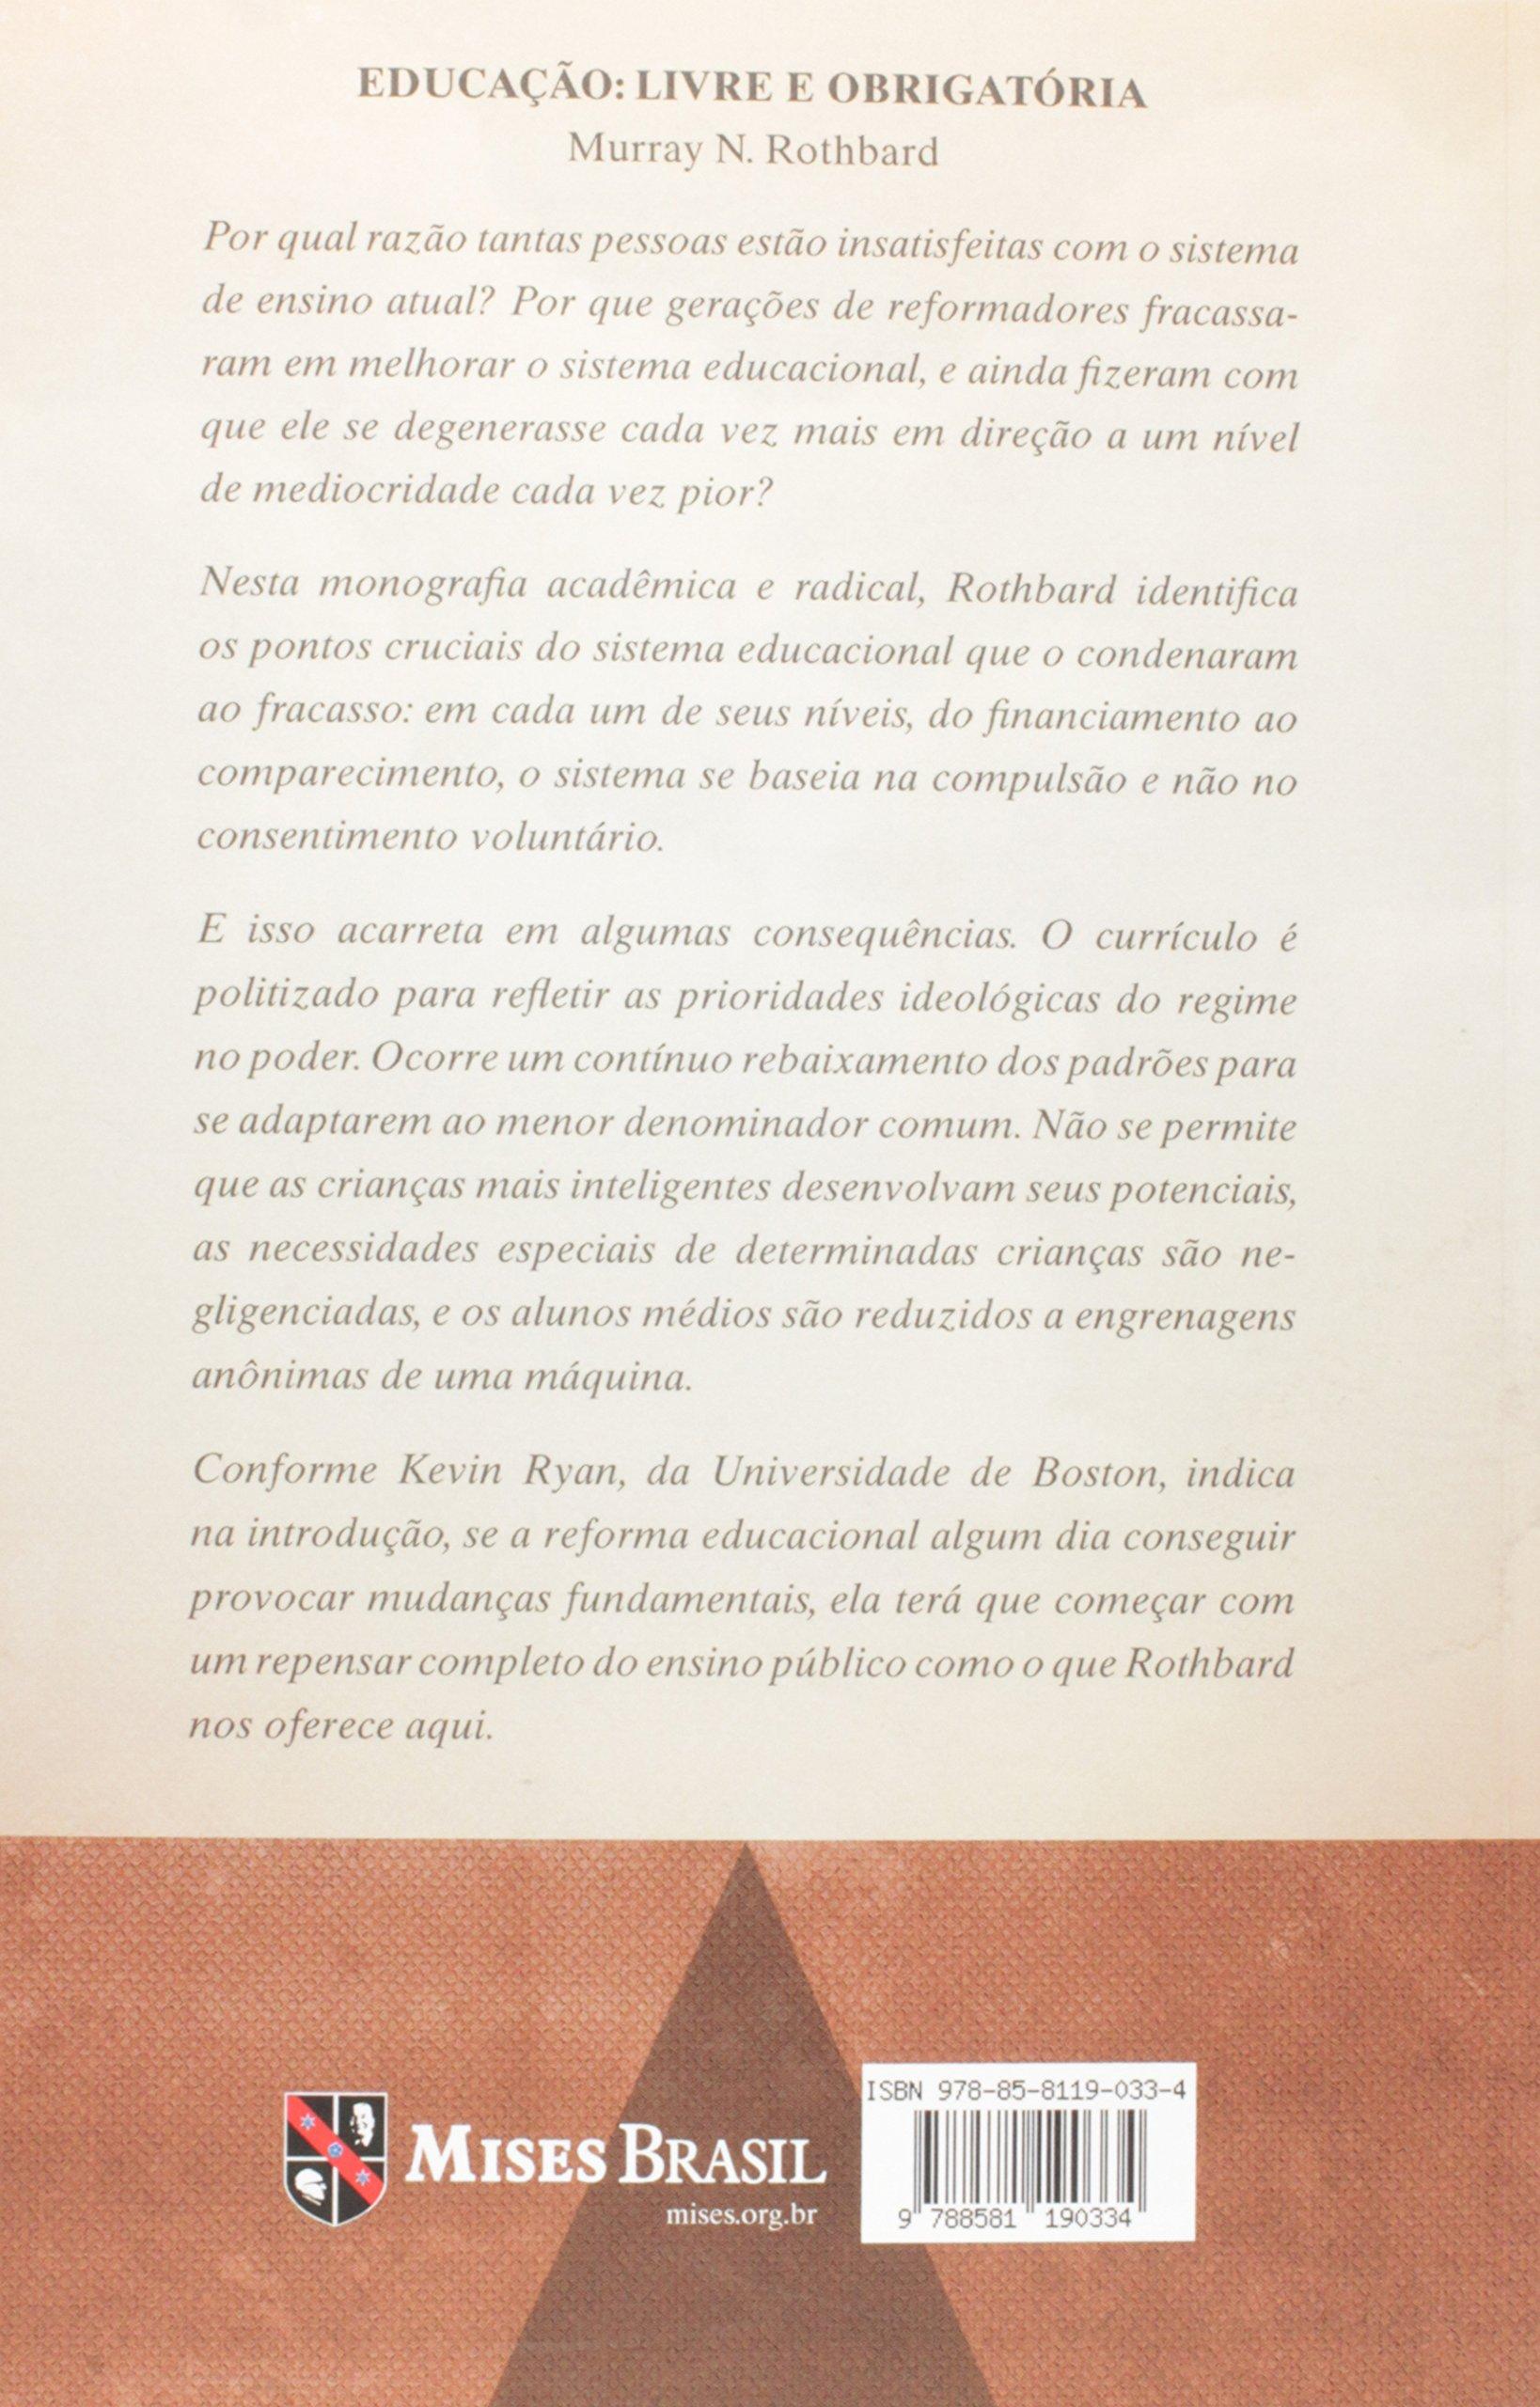 Educação. Livre e Obrigatória - 9788581190334 - Livros na Amazon Brasil